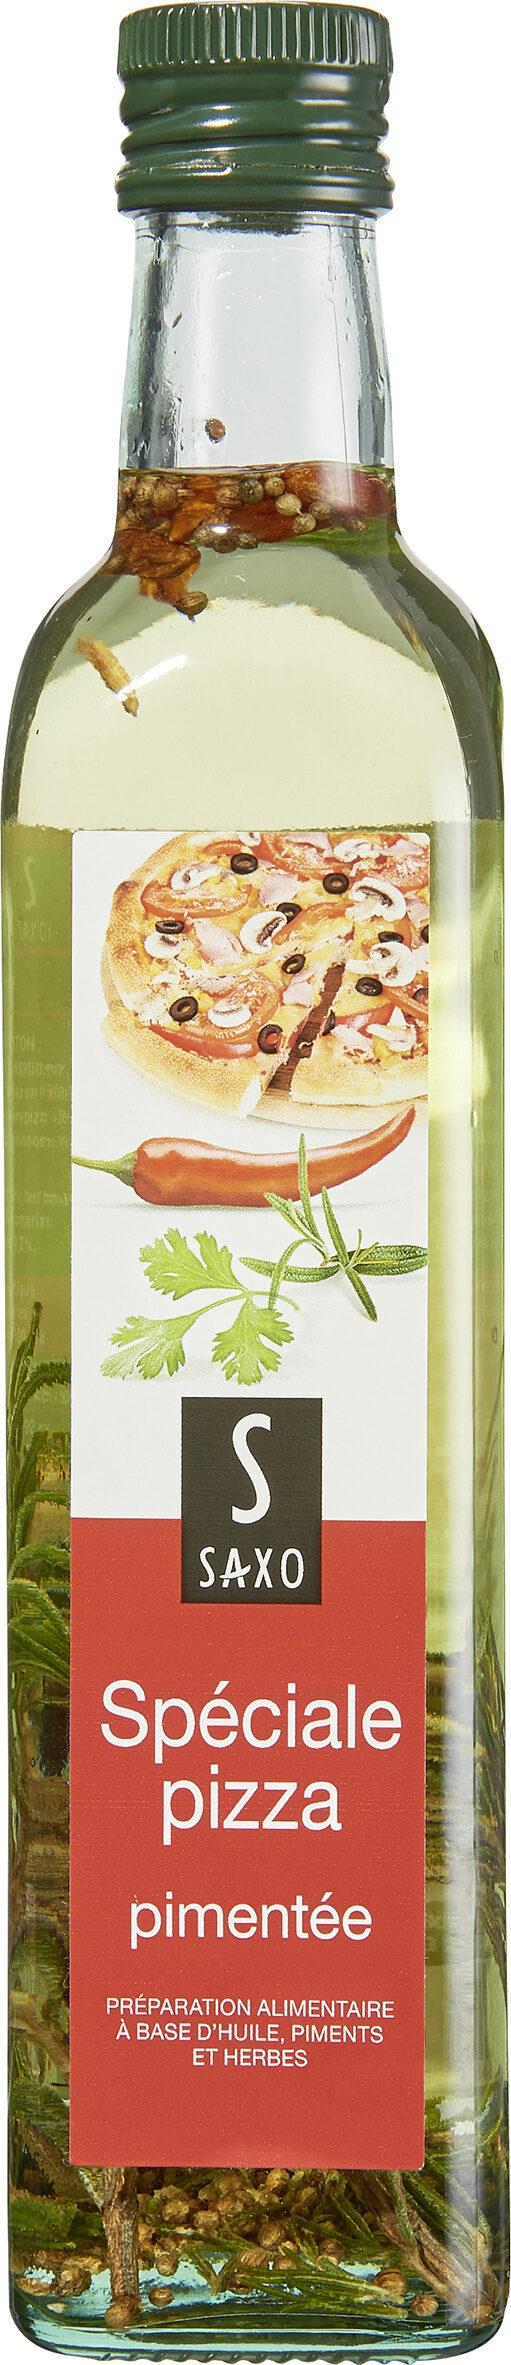 Spéciale Pizza Pimentée - Prodotto - fr